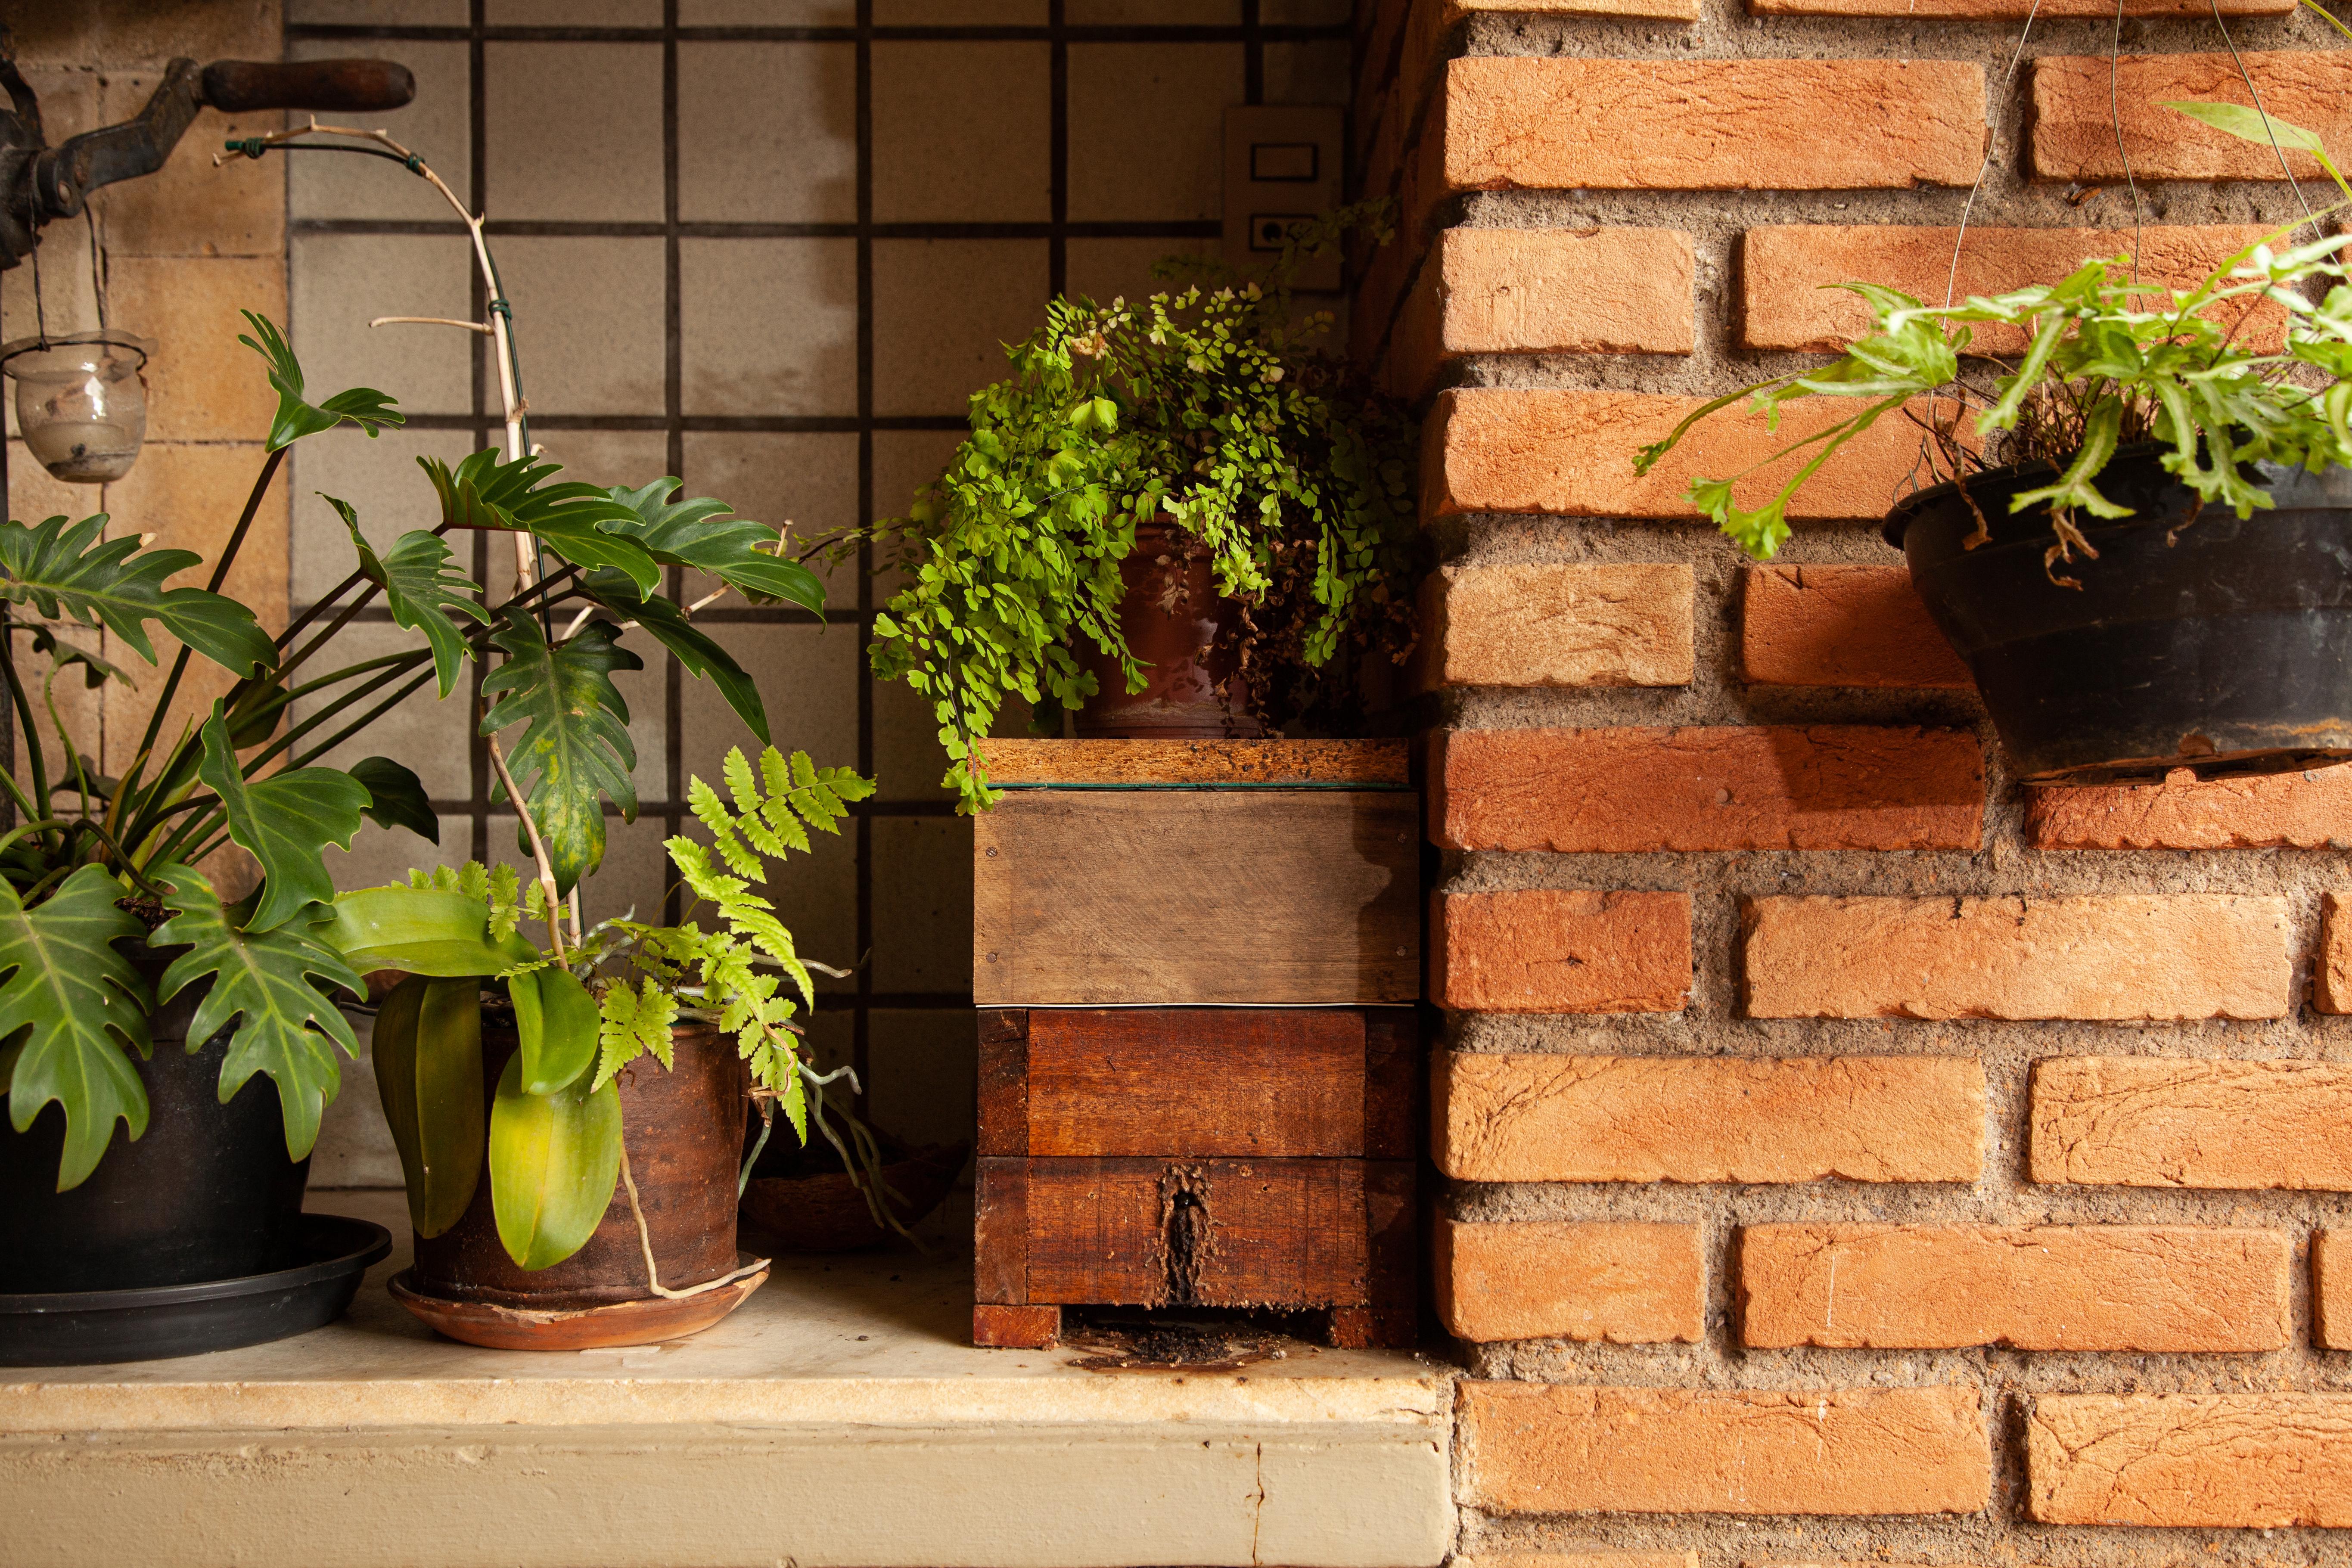 Caixa de abelhas ao lado de plantas e de uma parede com tijolinhos